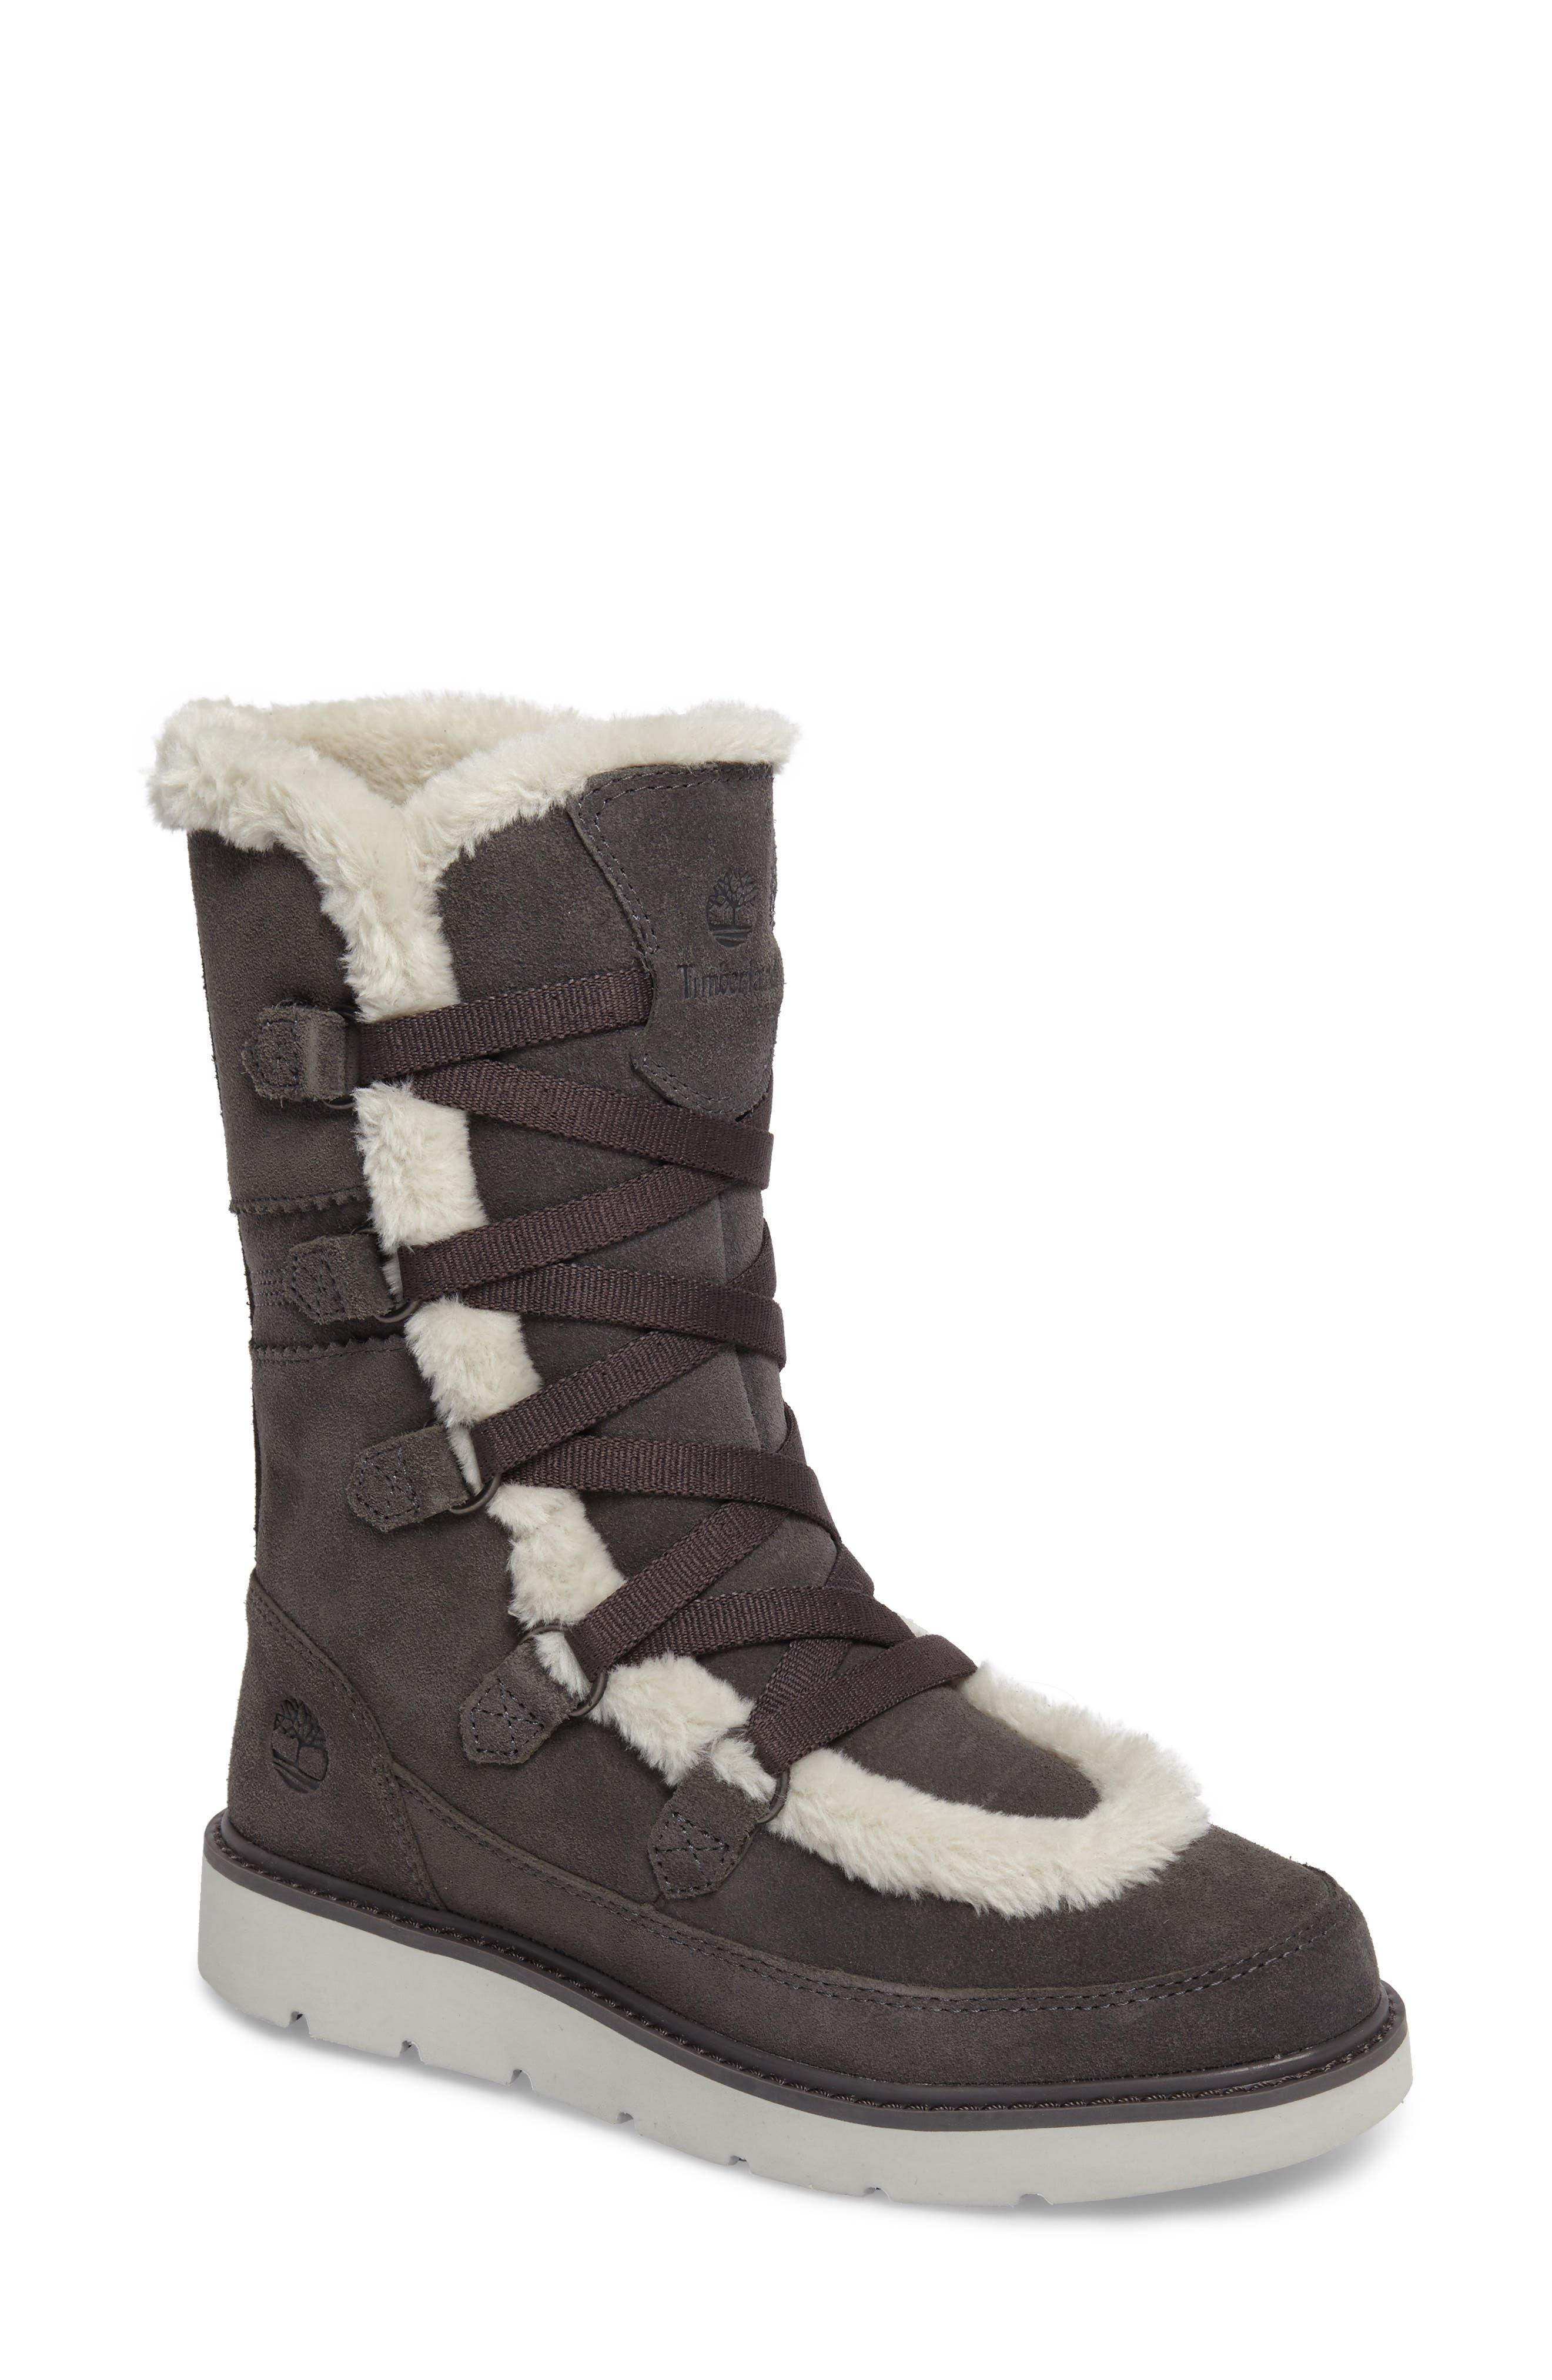 Timberland Kenniston Faux Fur Water Resistant Mukluk Boot (Women)